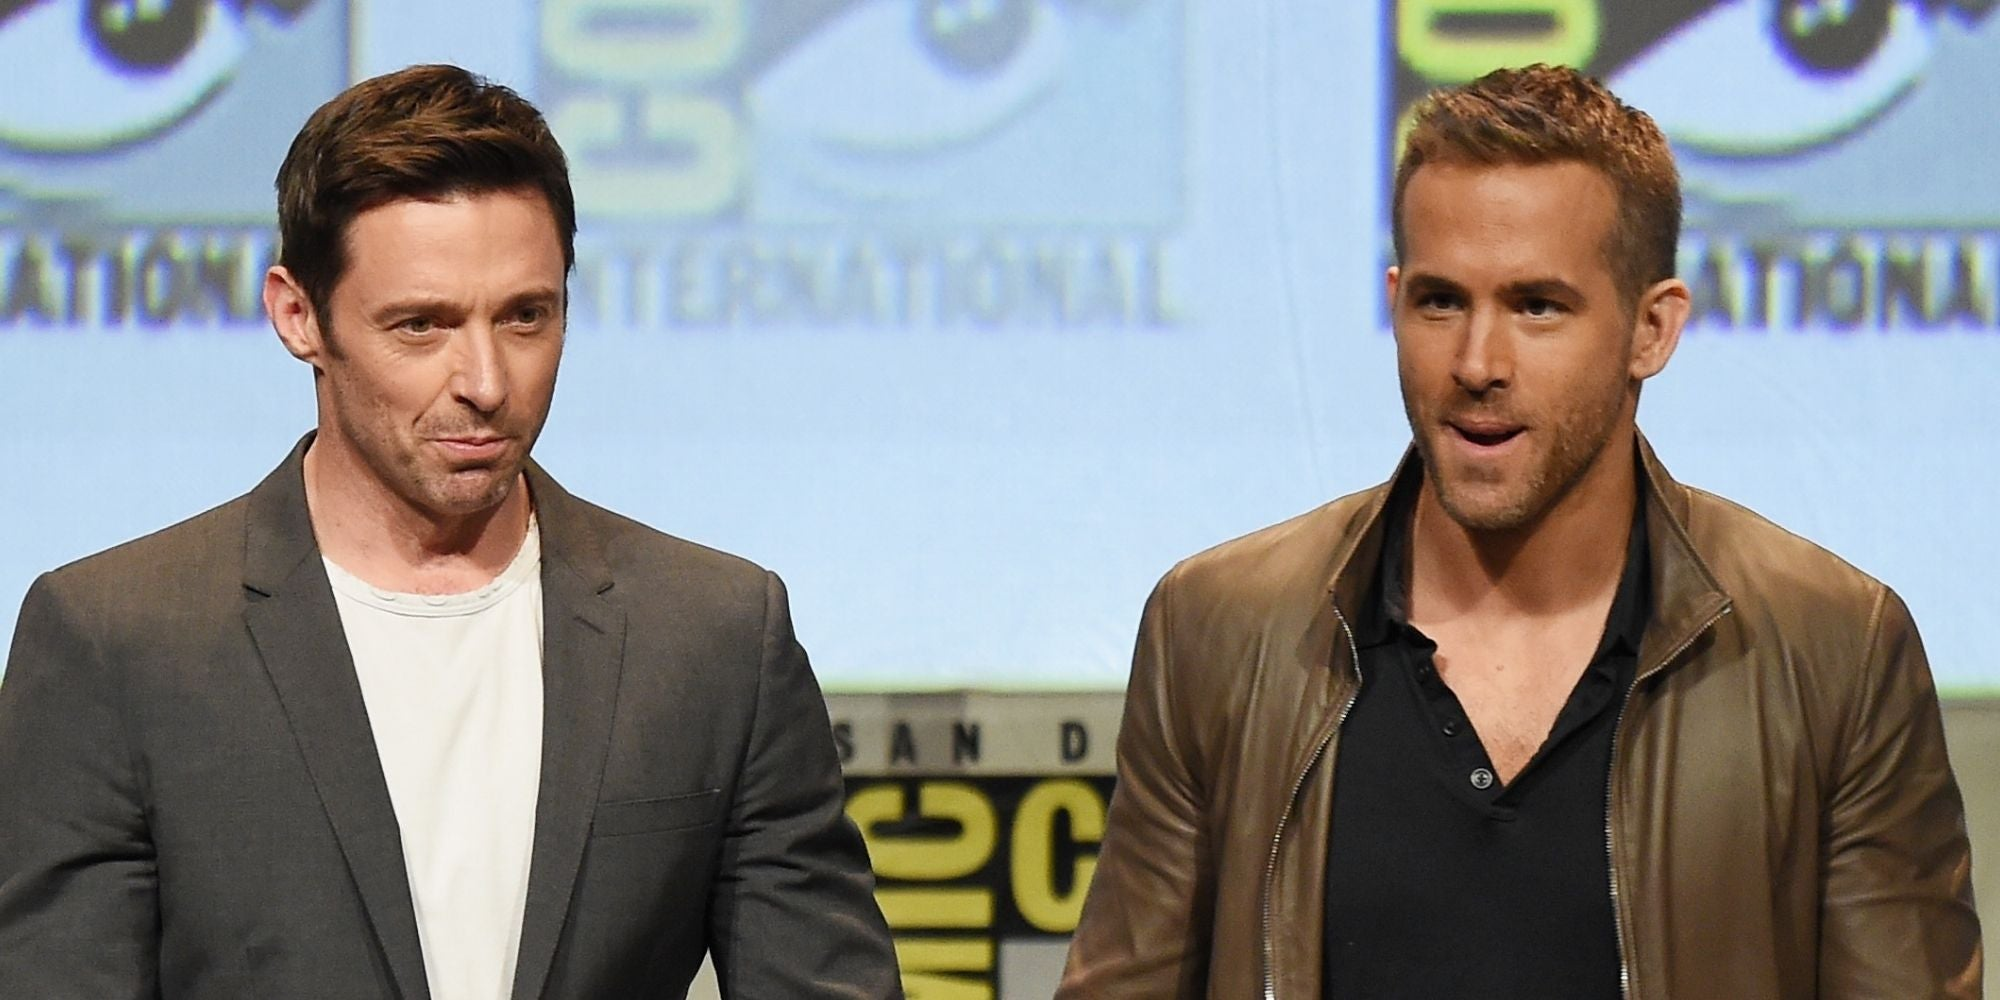 Hugh Jackman faz brincadeira com Ryan Reynolds 'ameaçando' ação judicial de $ 610 milhões por 'dor e sofrimento'